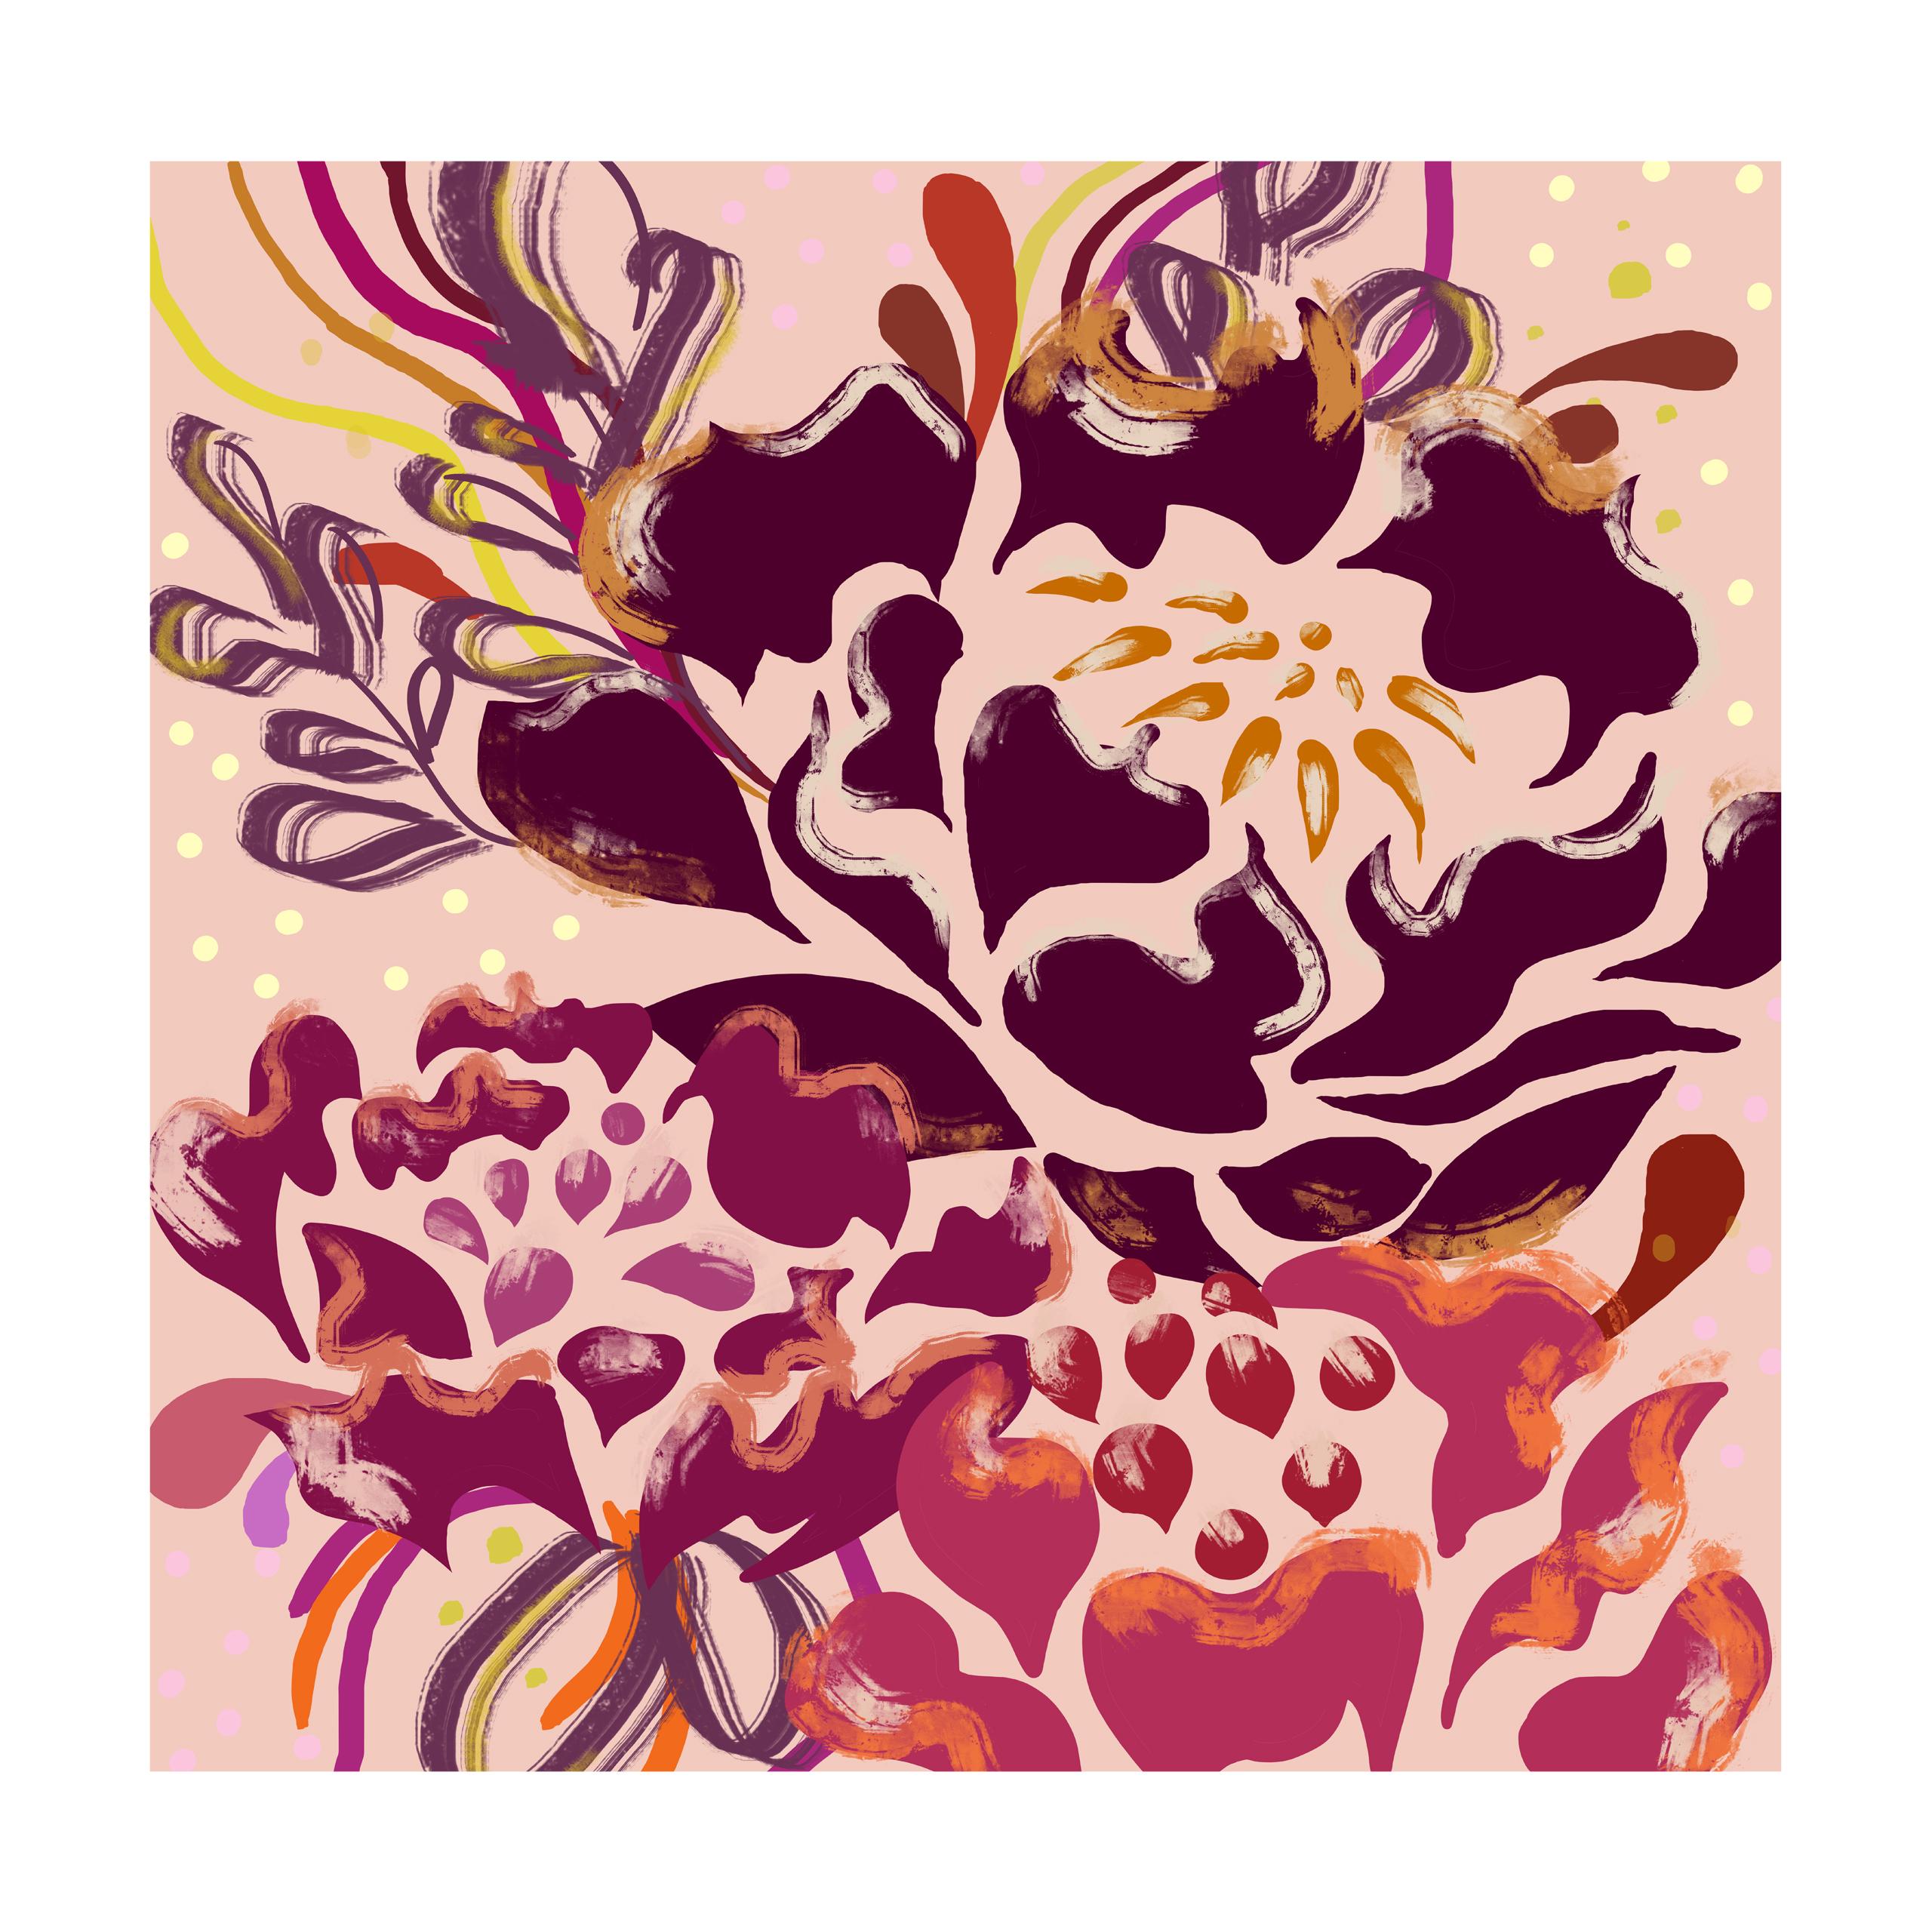 Floral Waves_fullsize